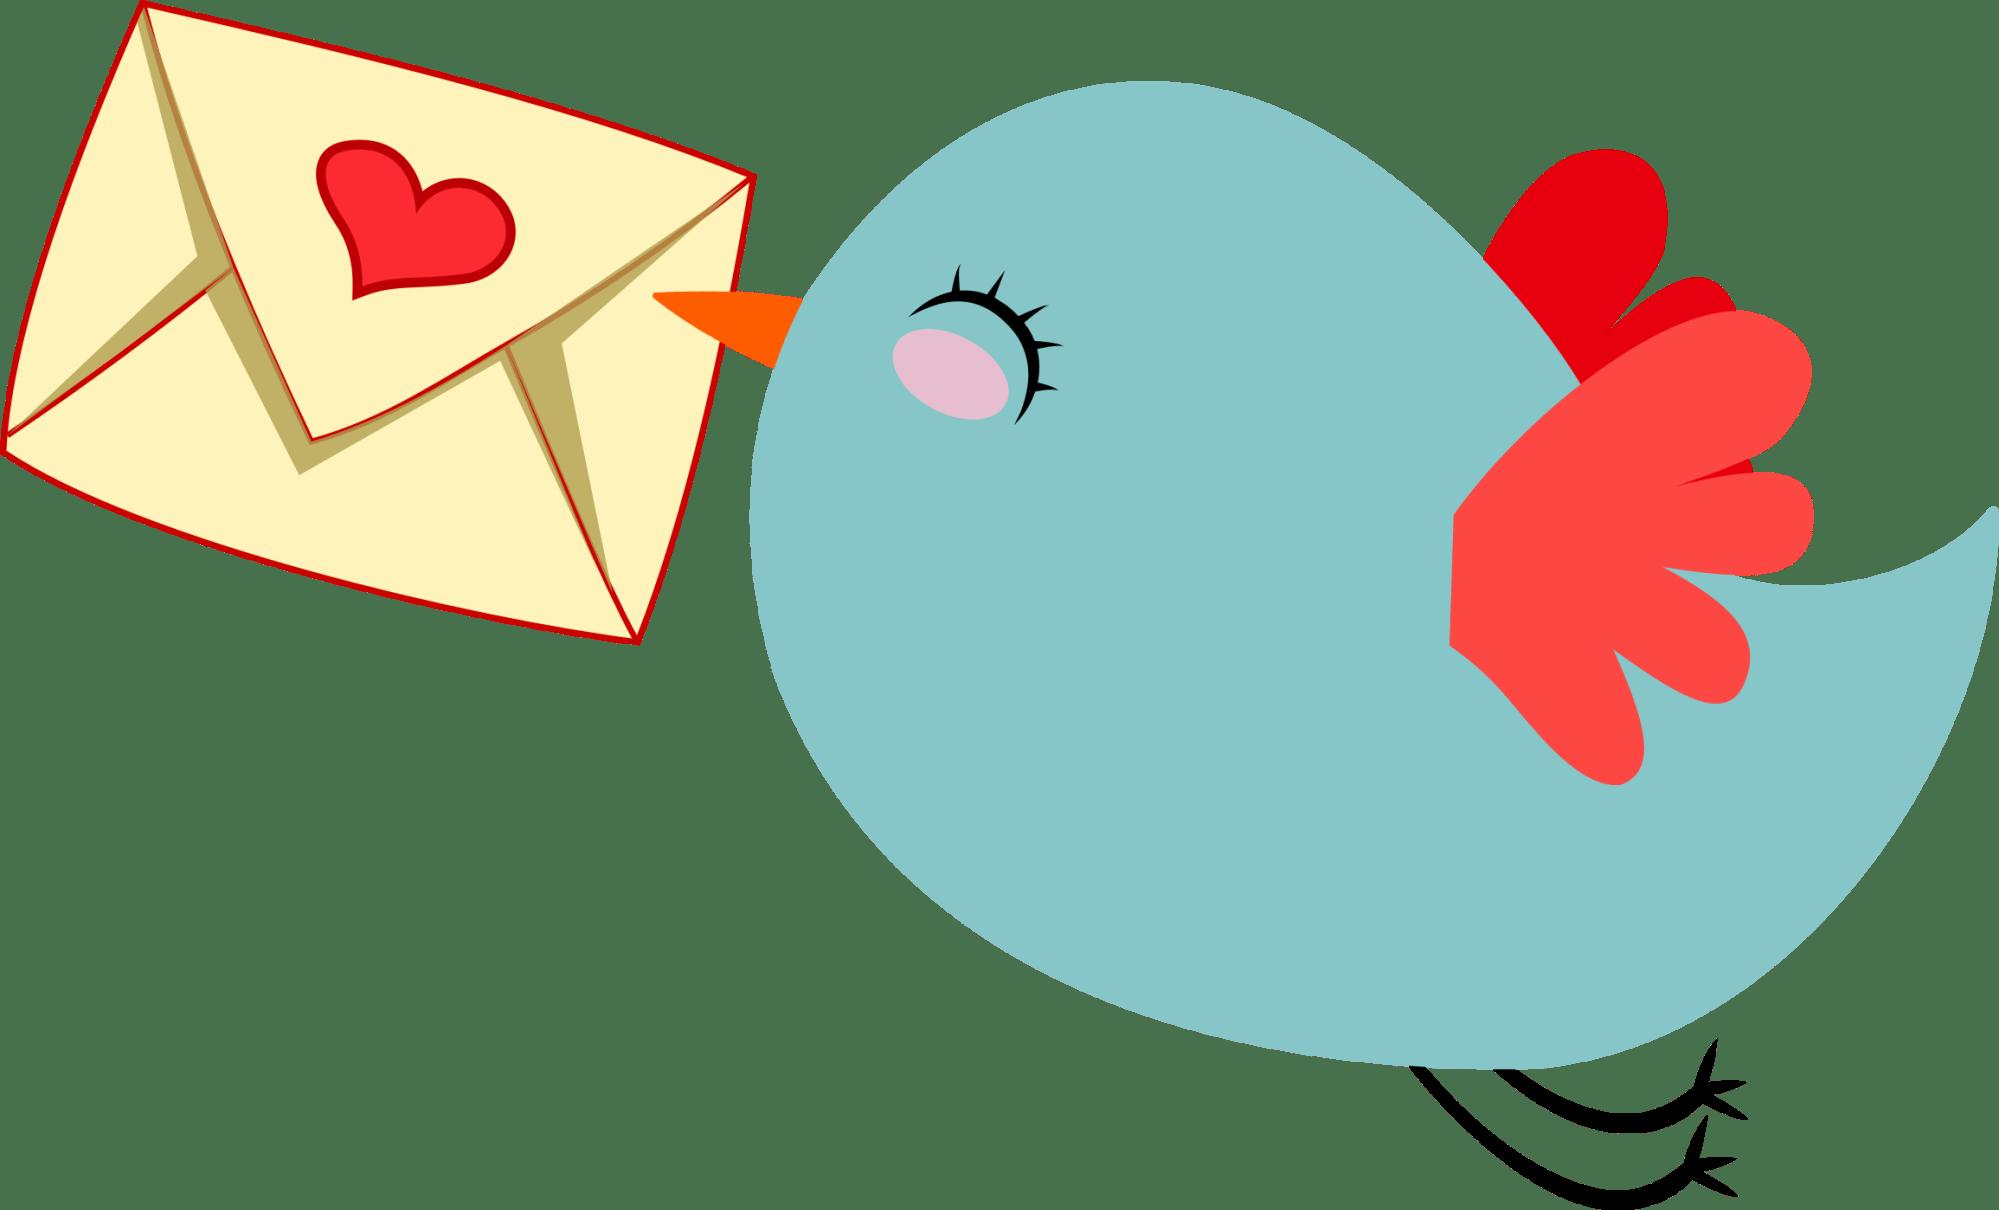 hight resolution of cute mail carrier bird by gdj pinterest office clipart farewell